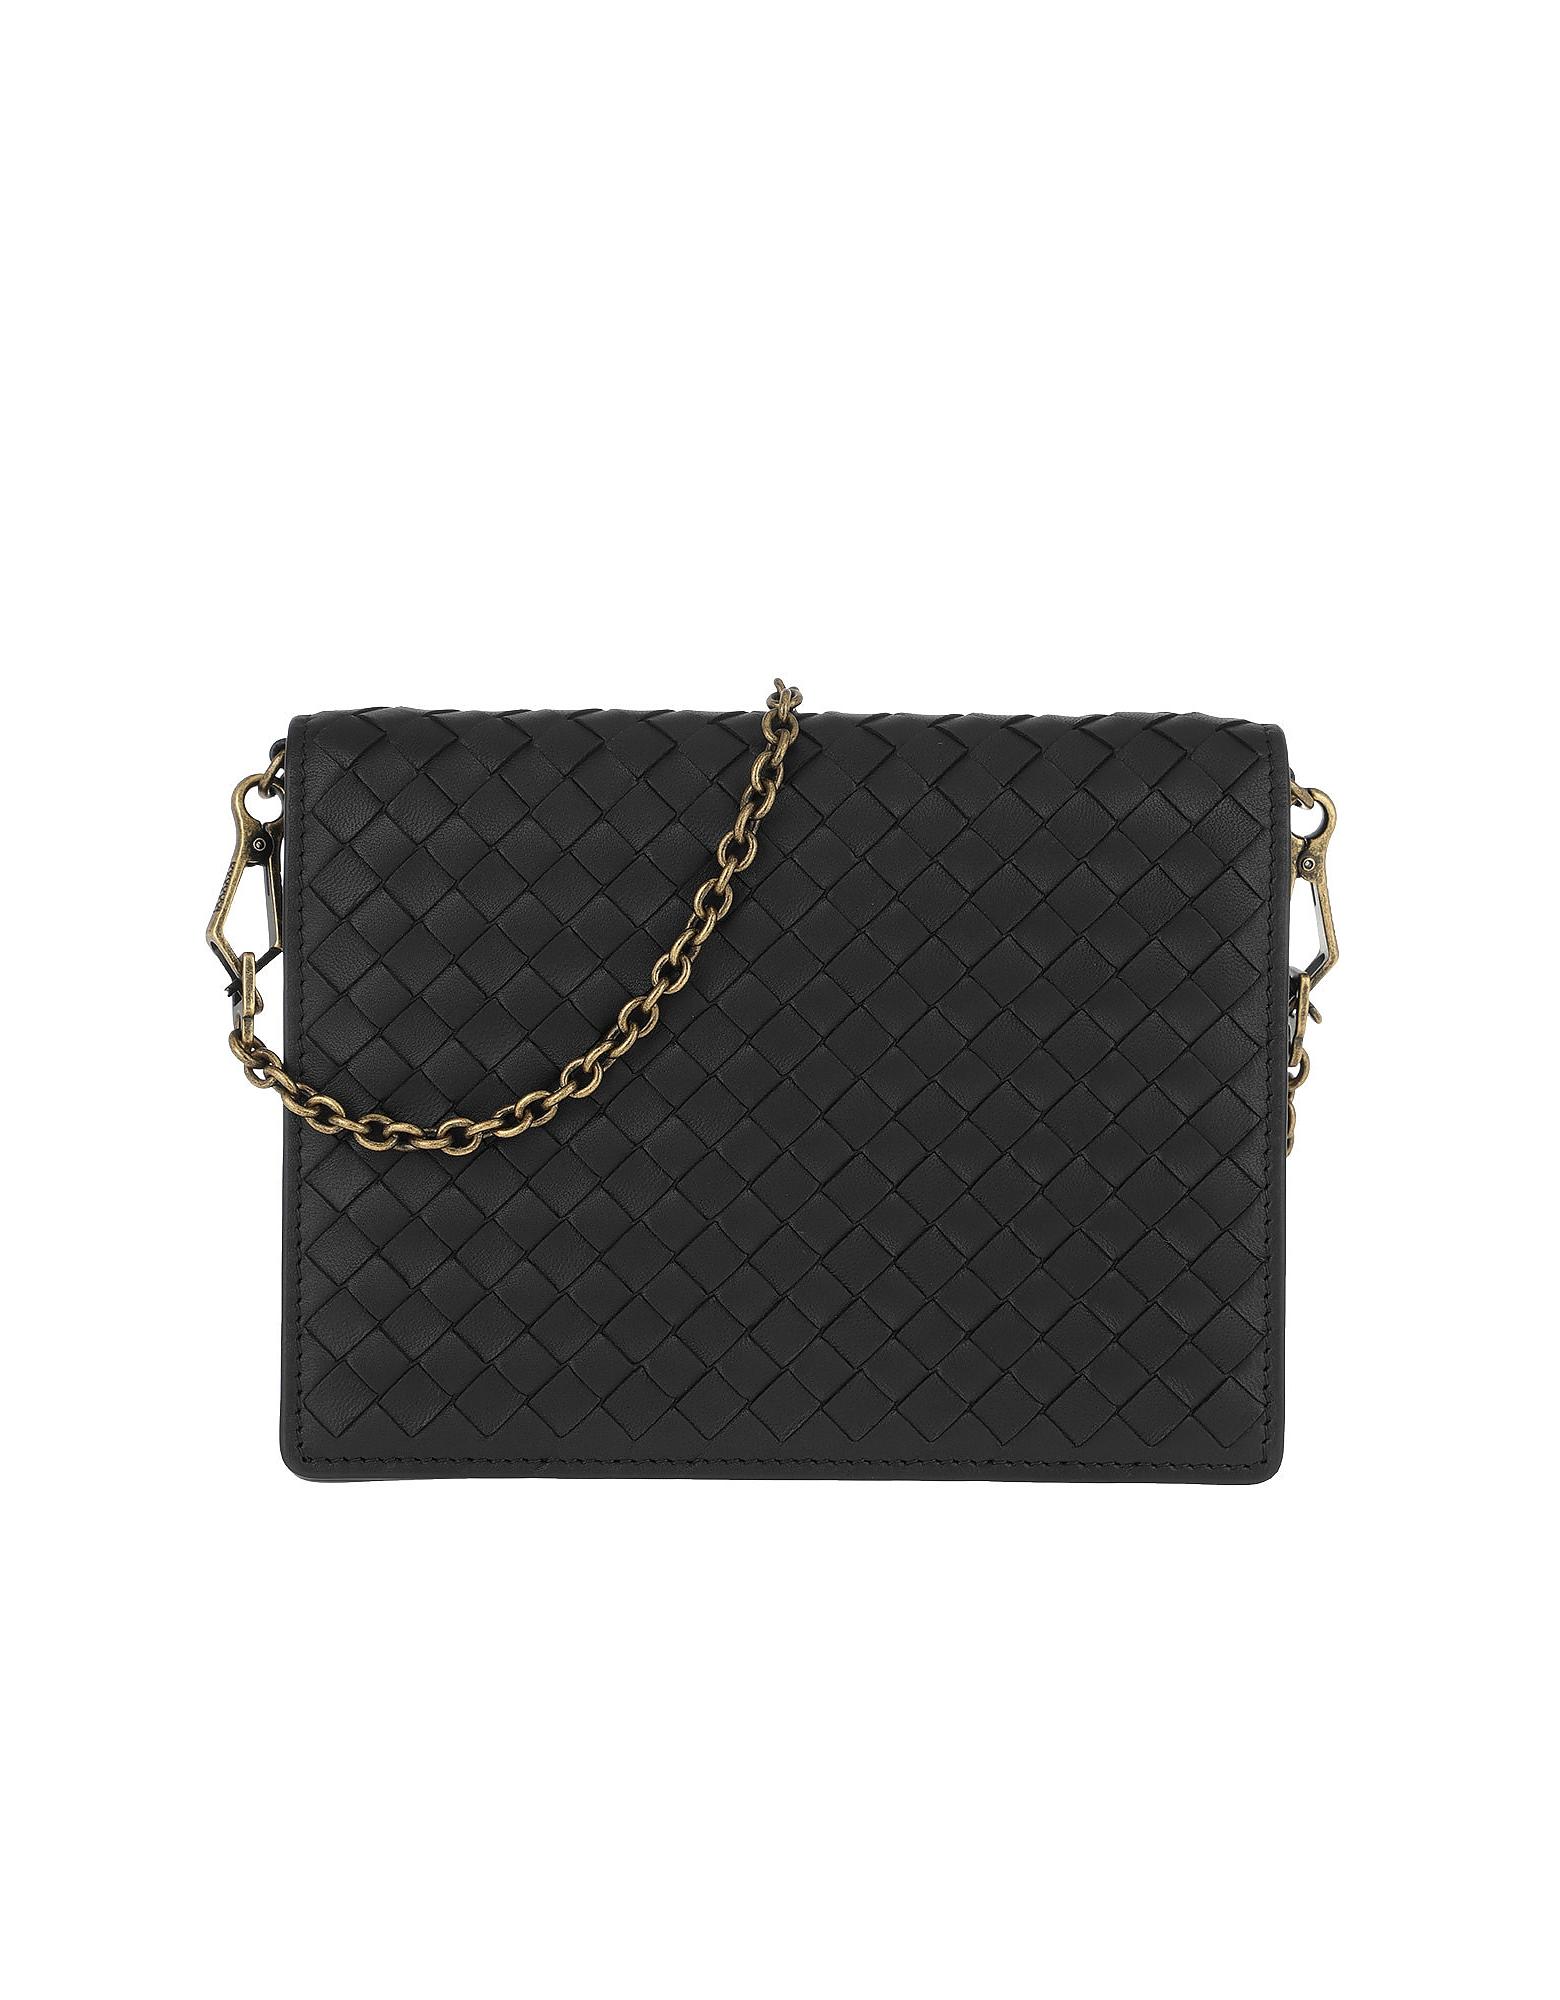 Intrecciato Chain Wallet Nappa Leather Black